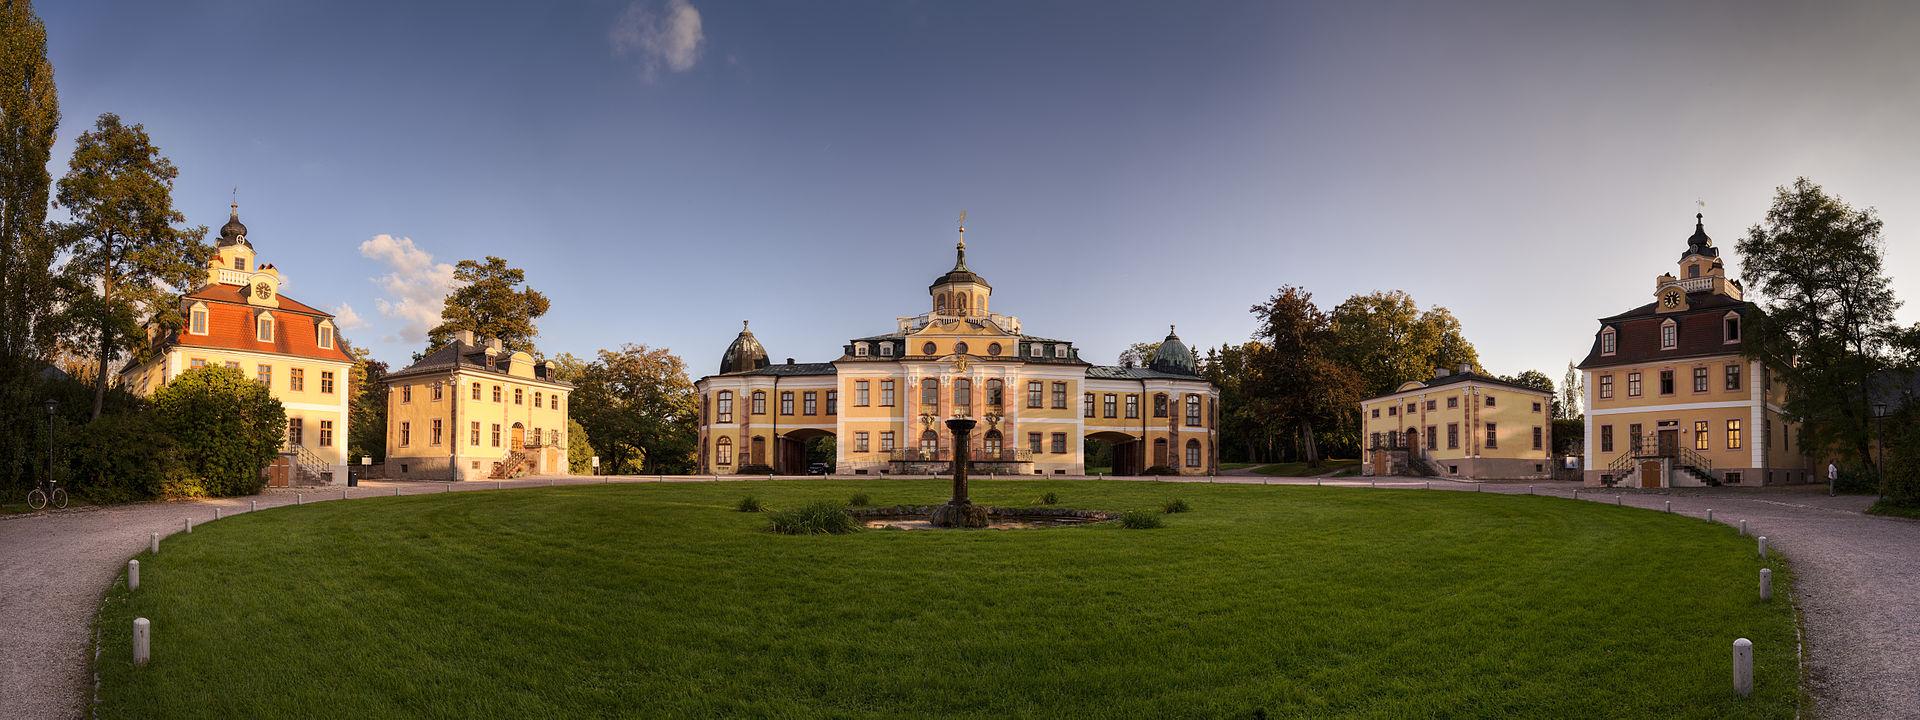 Schloss_Belvedere_Weimar_Panorama.jpg